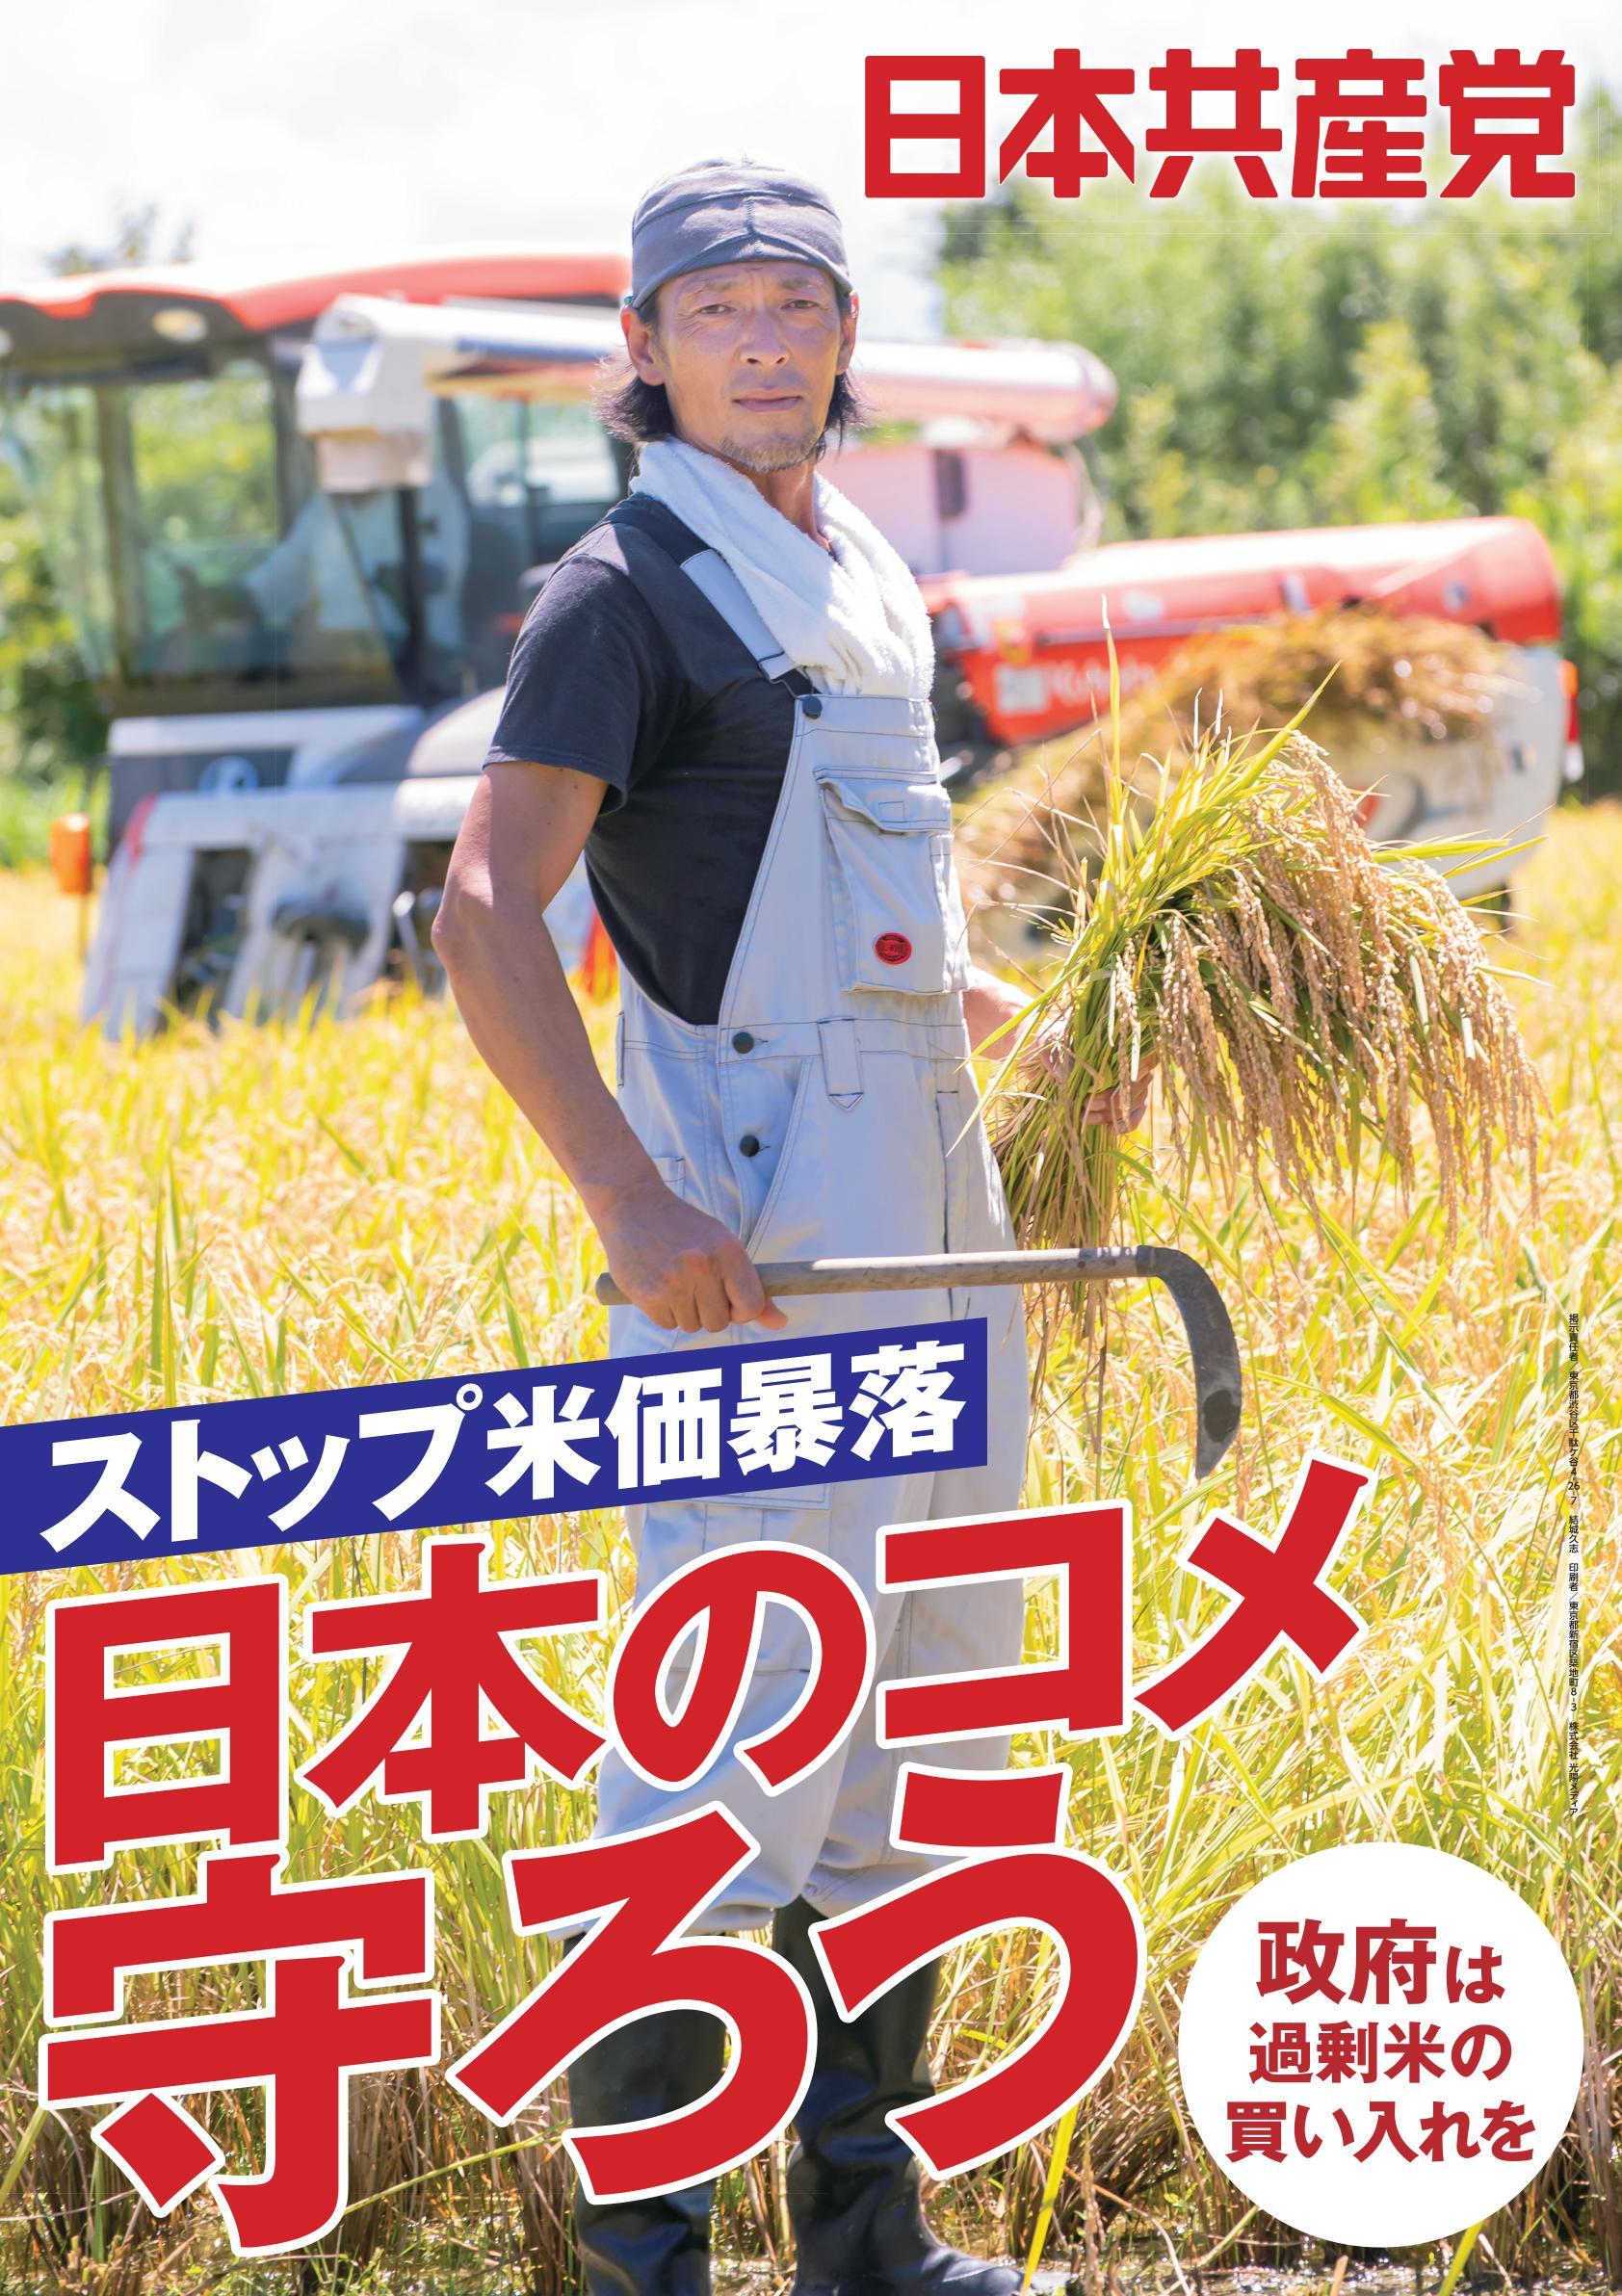 ストップ米価暴落 日本のコメ守ろう